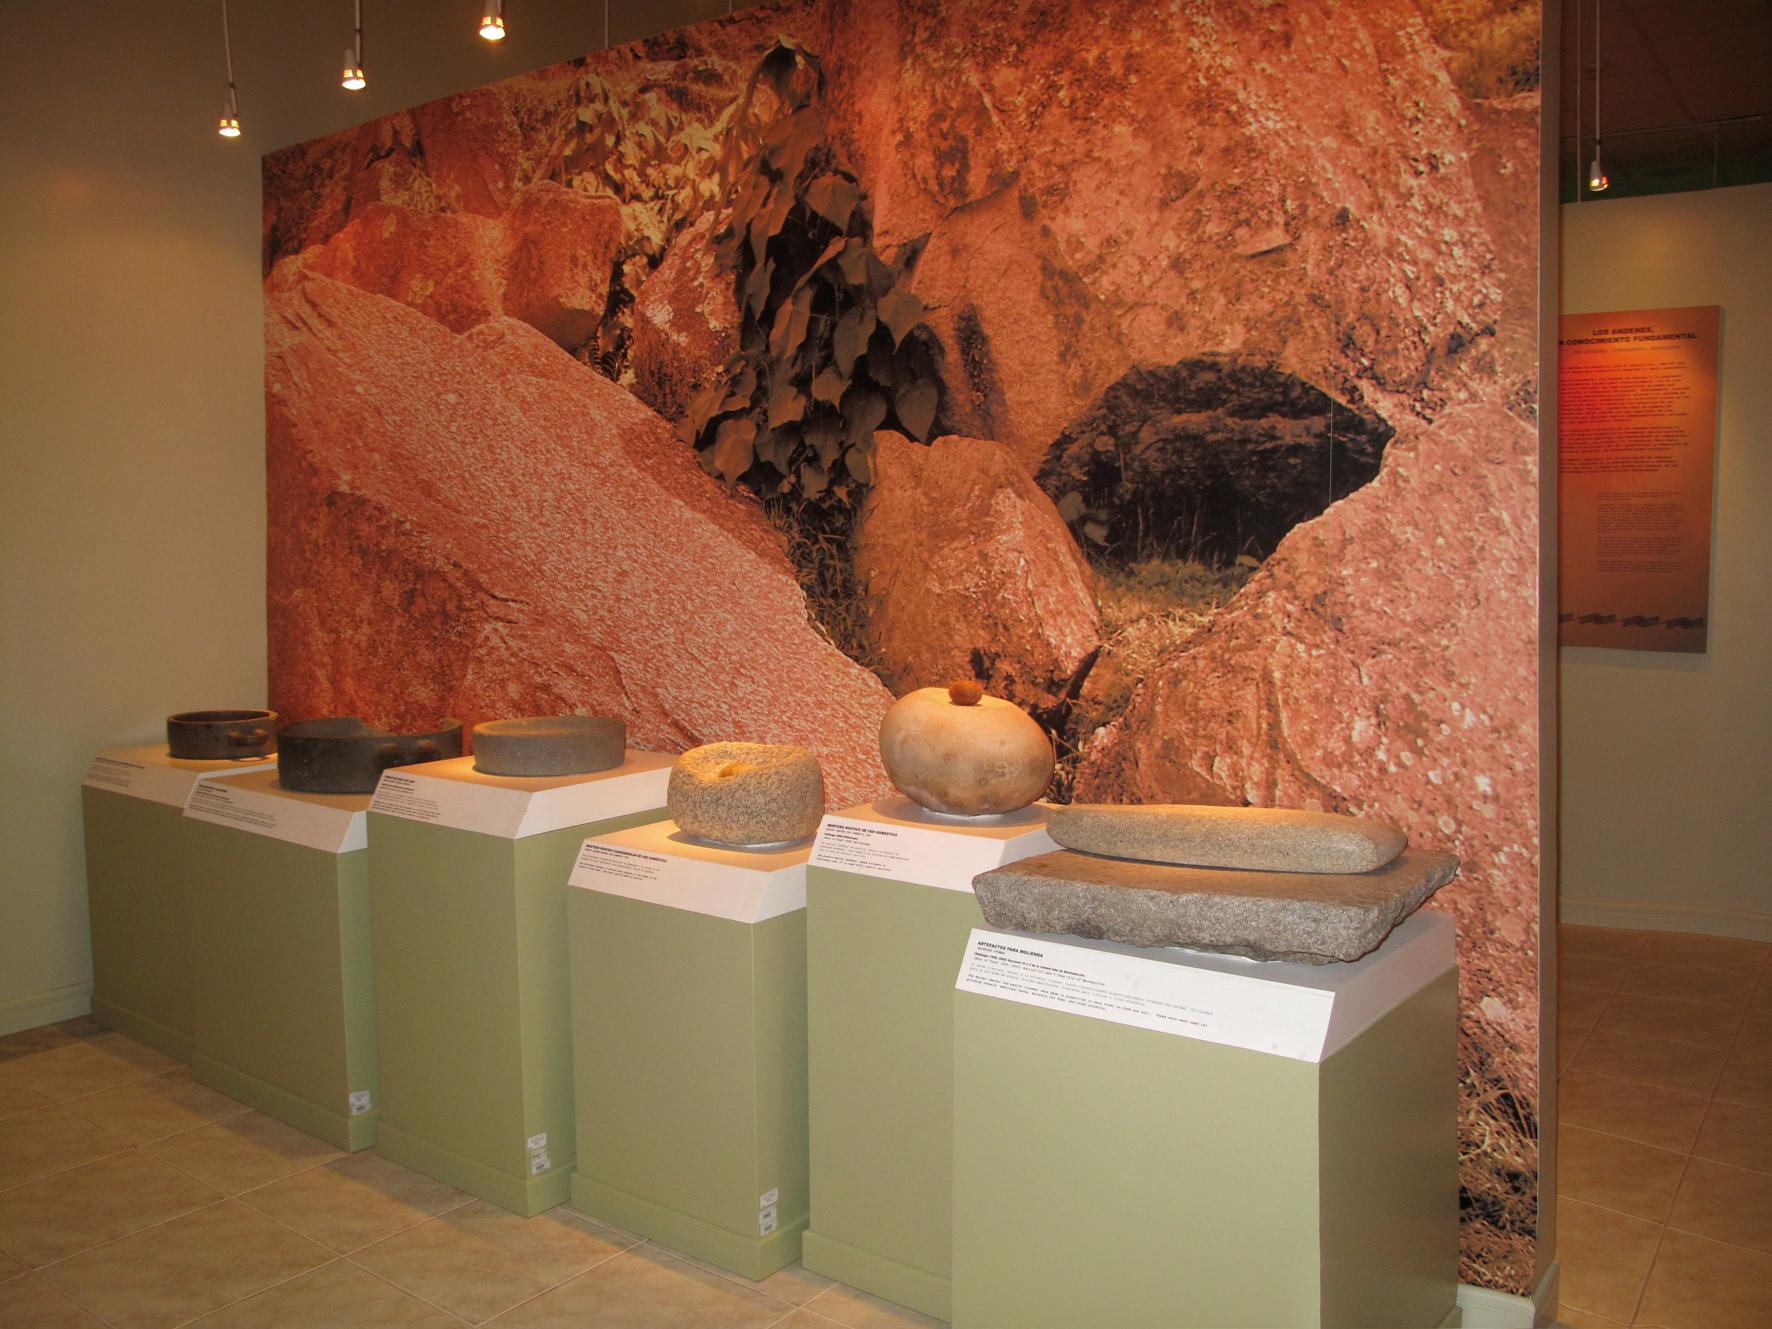 Sitio de citas cusco coman el chocho Parla-82512